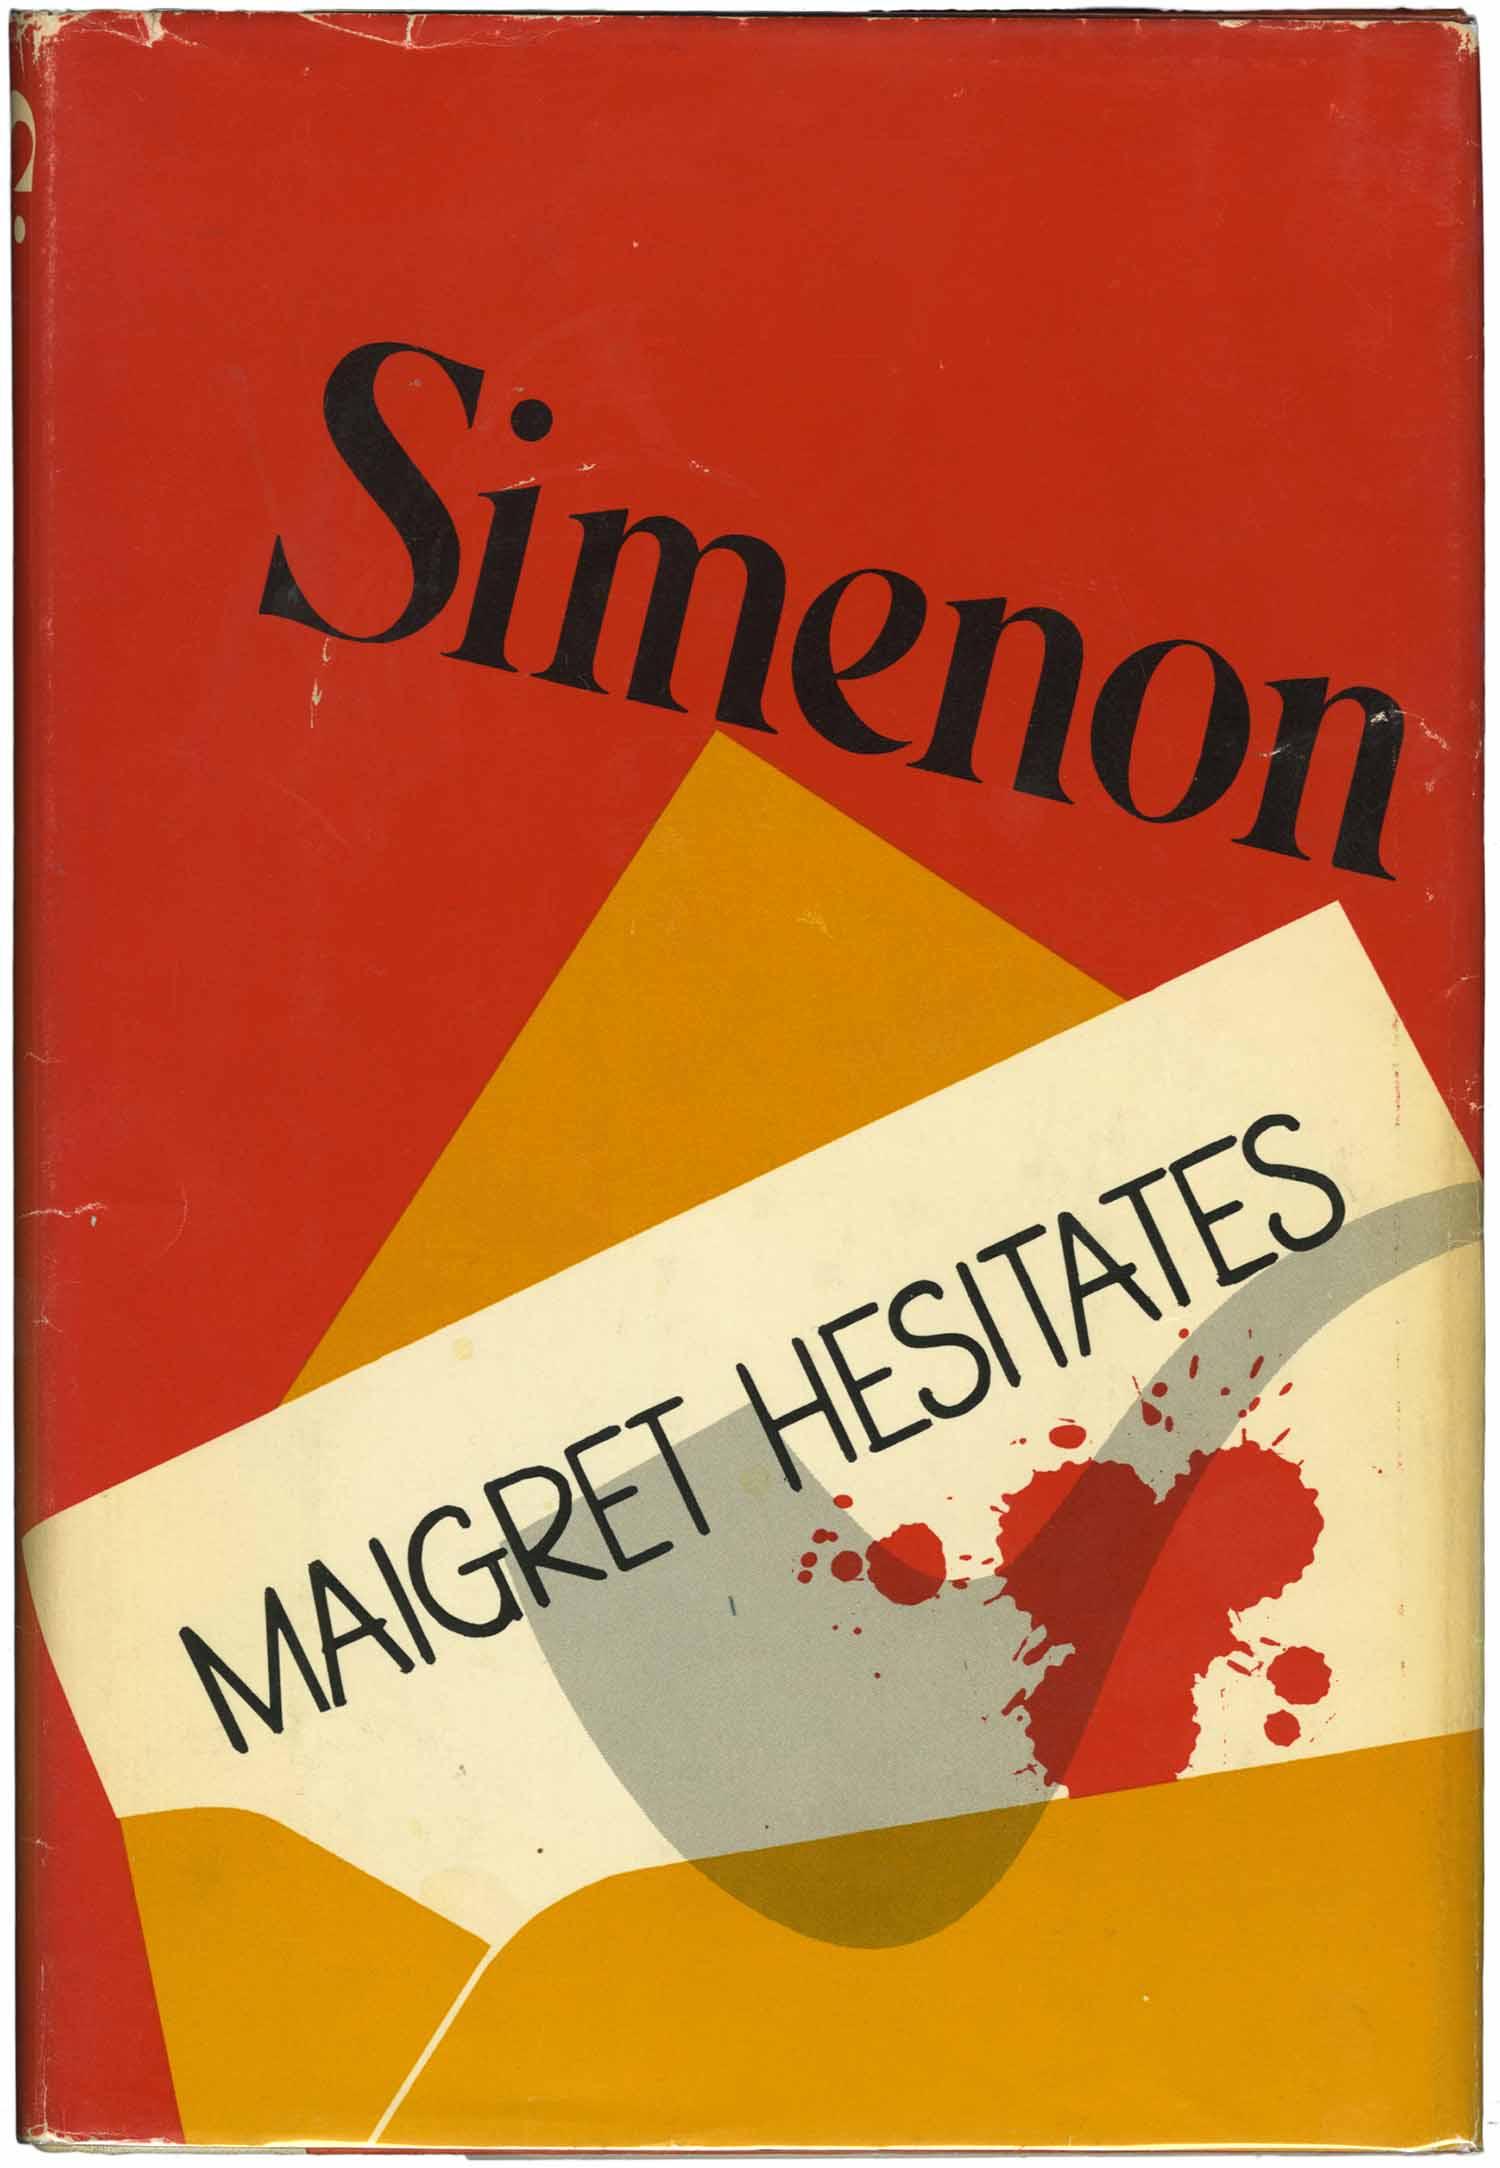 simenon_maigrethesistates